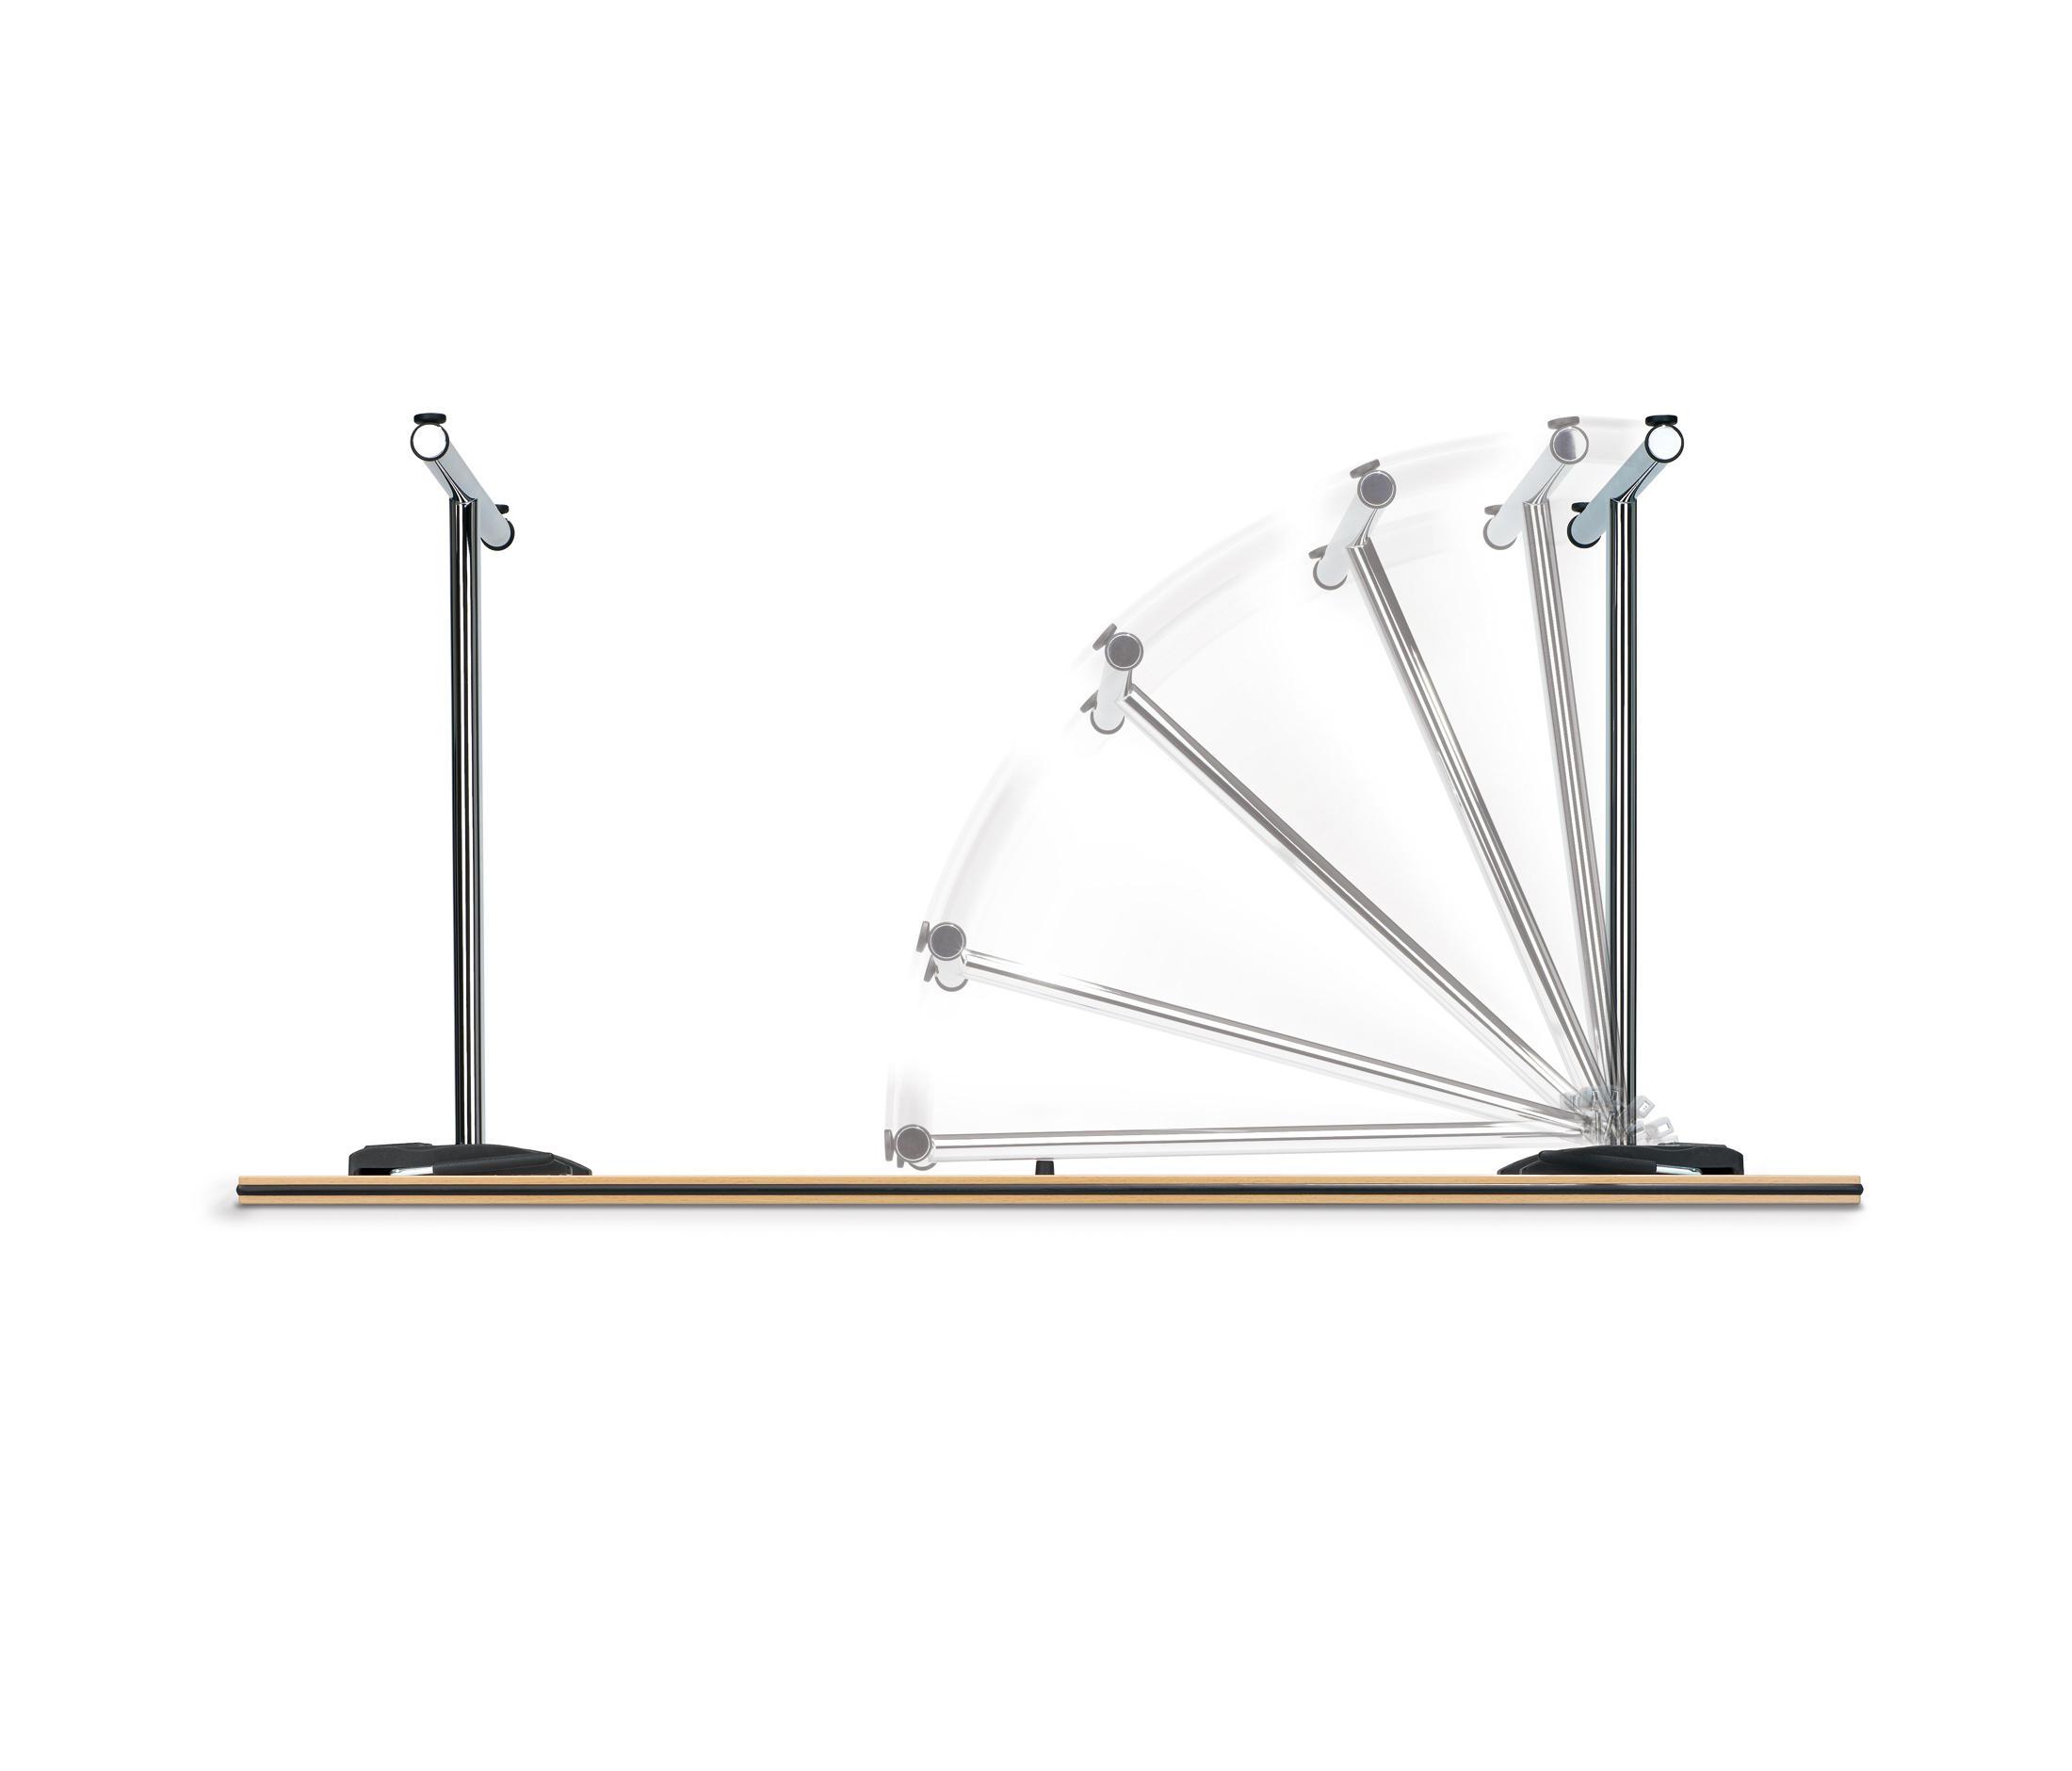 4000 6 delgado mehrzwecktische von kusch co architonic. Black Bedroom Furniture Sets. Home Design Ideas